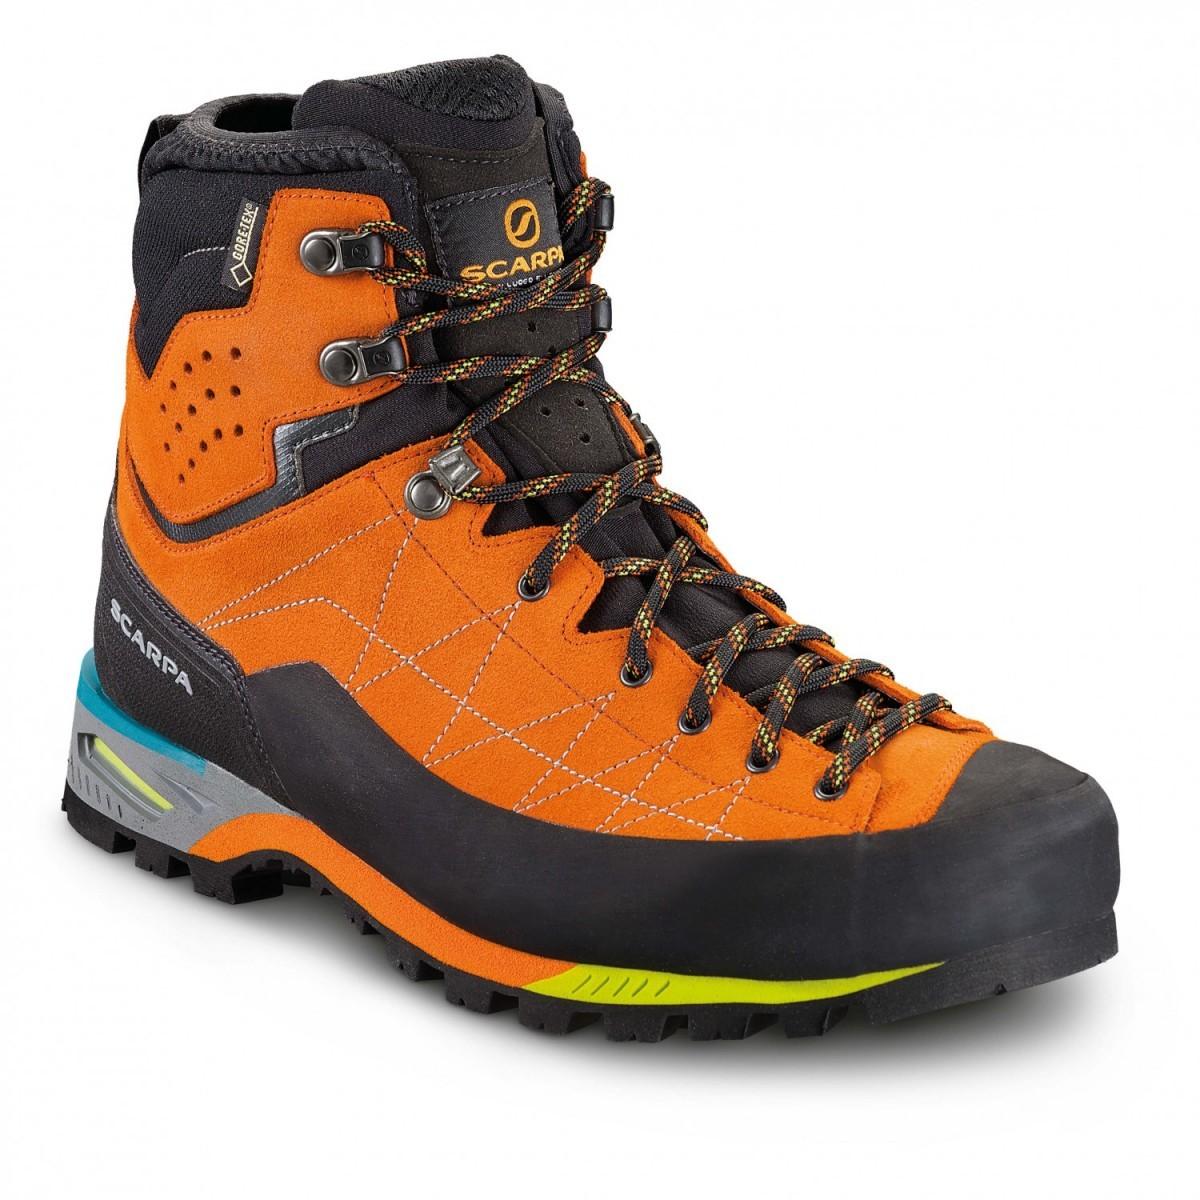 スカルパ ゾディアック Tech GTX ( Tonic ) ★ 登山靴 ・ 靴 ・ 登山 ・ アウトドアシューズ ・ 山歩き ★